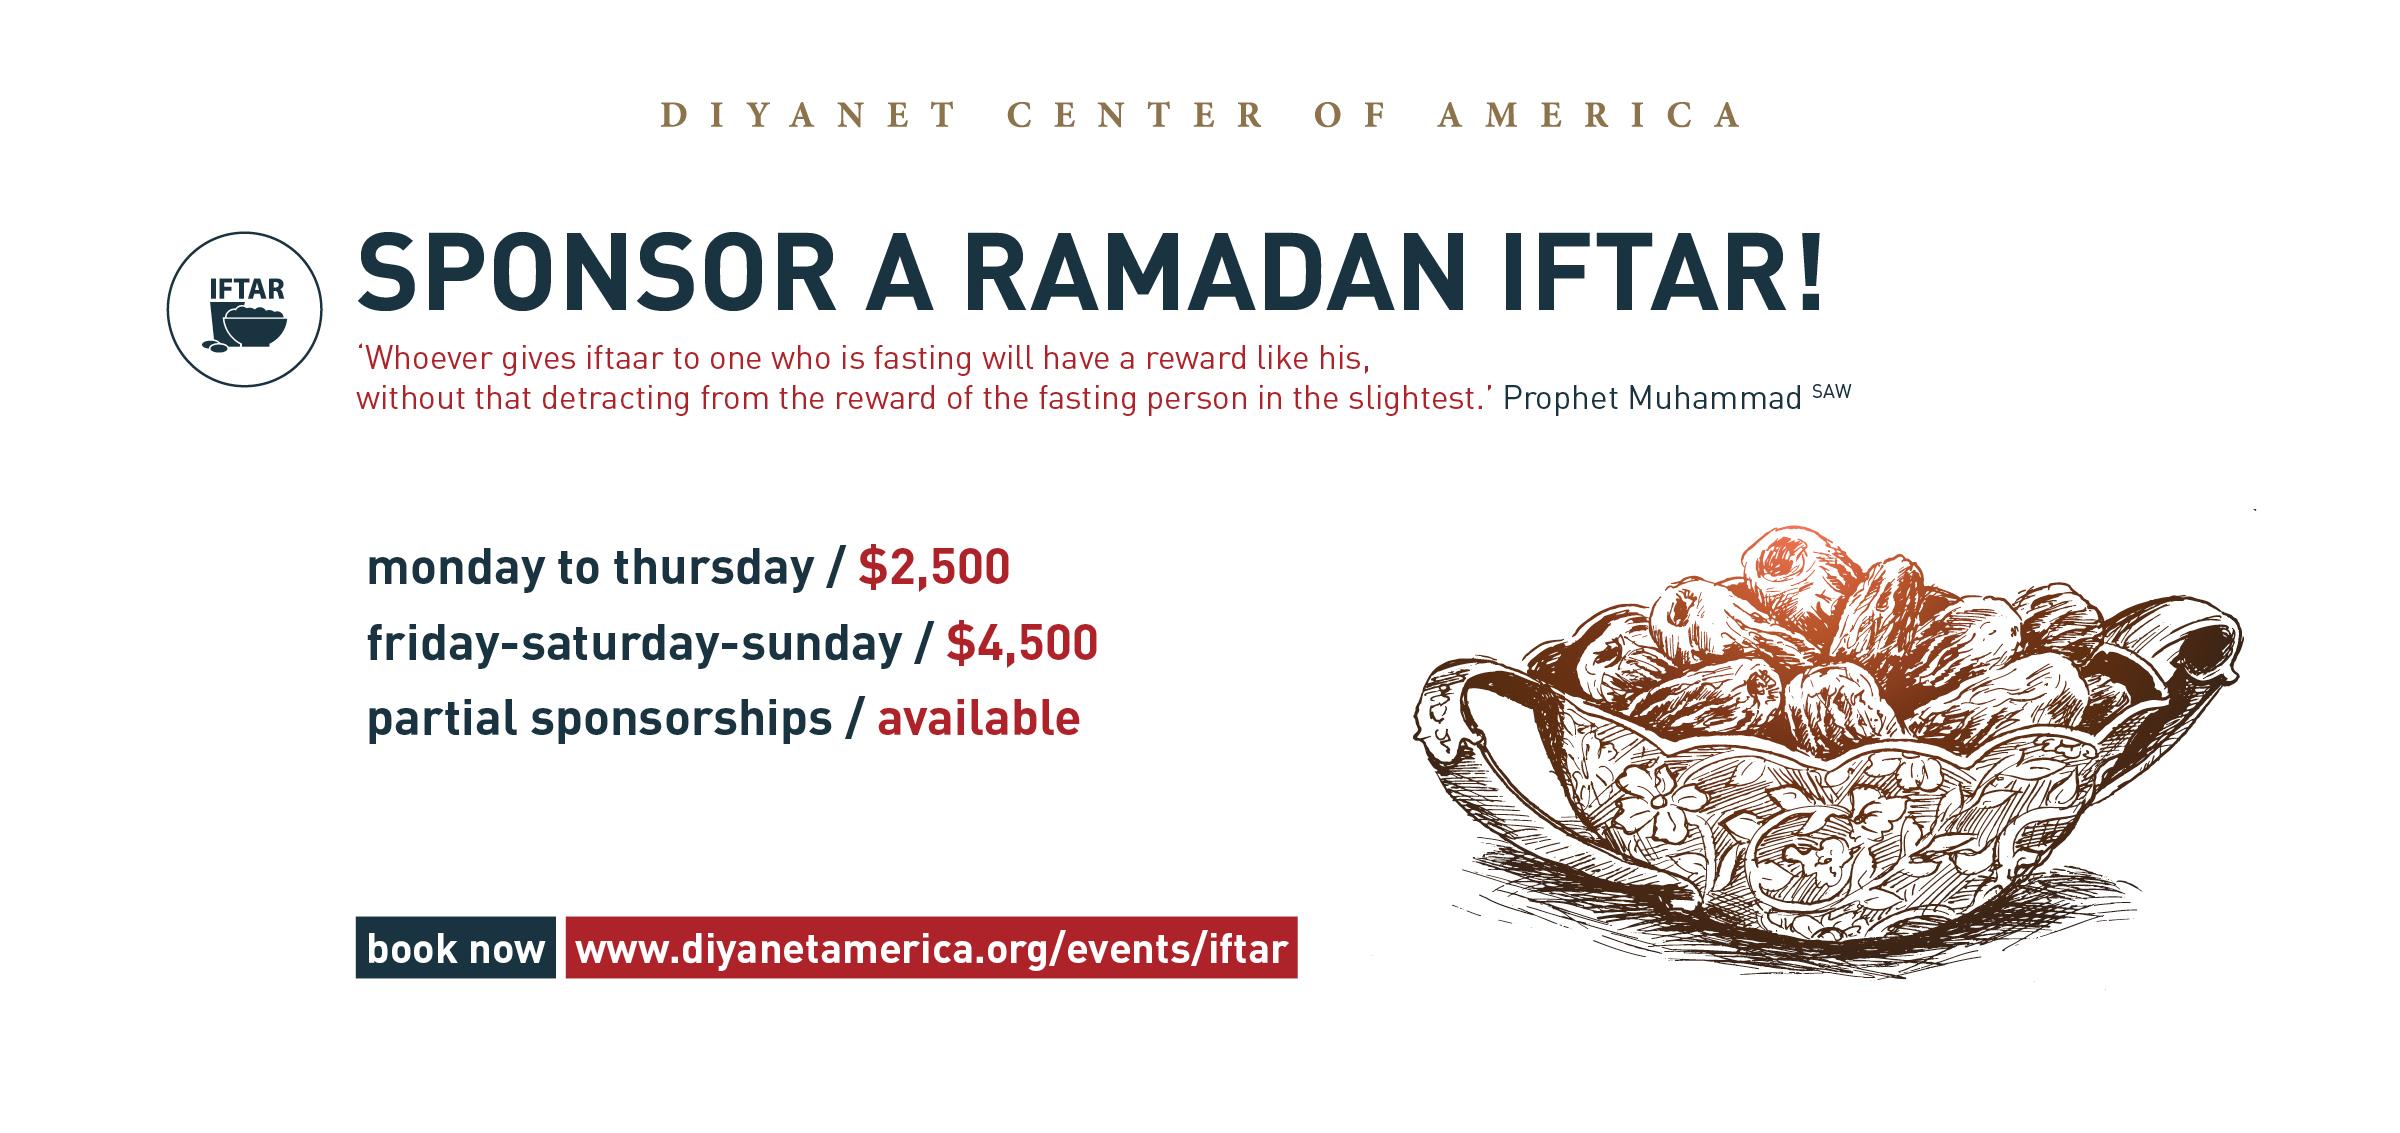 Iftar Sponsorship - Ramadan 2018